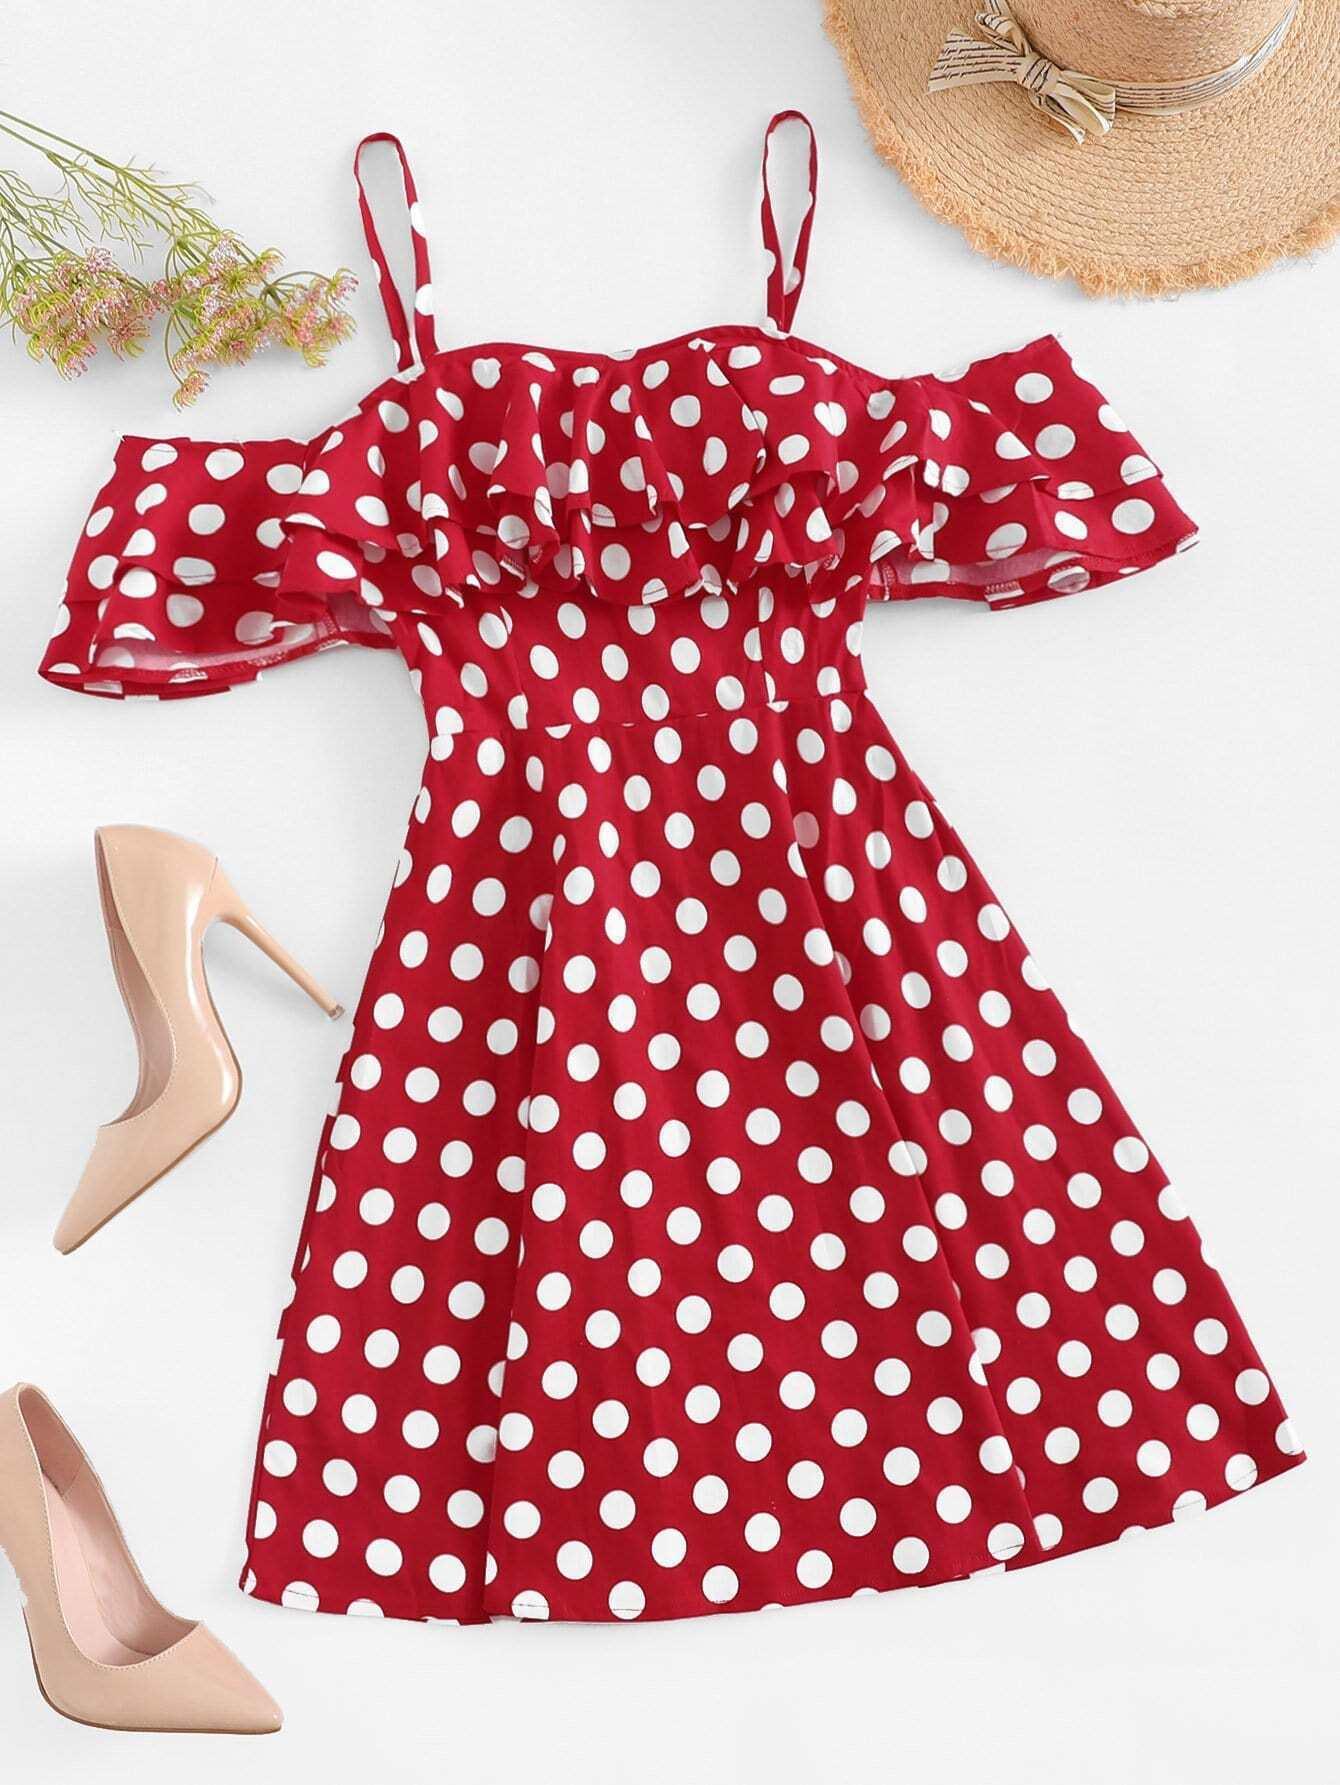 Layered Ruffle Polka Dot Cami Dress layered ruffle polka dot cami dress